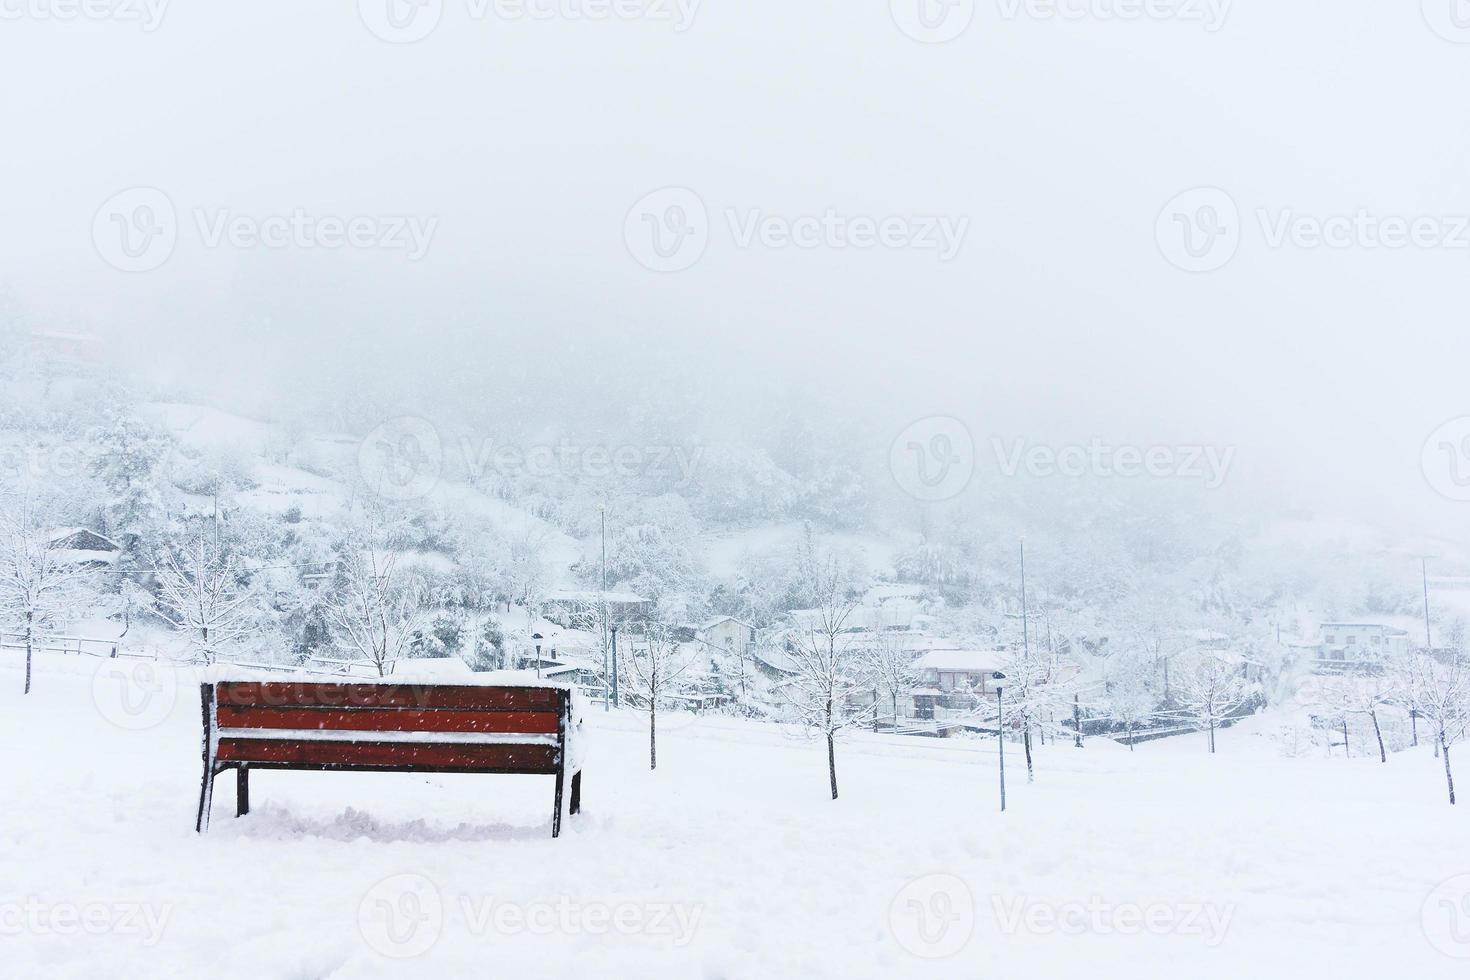 banco e paisagem de inverno nevado foto